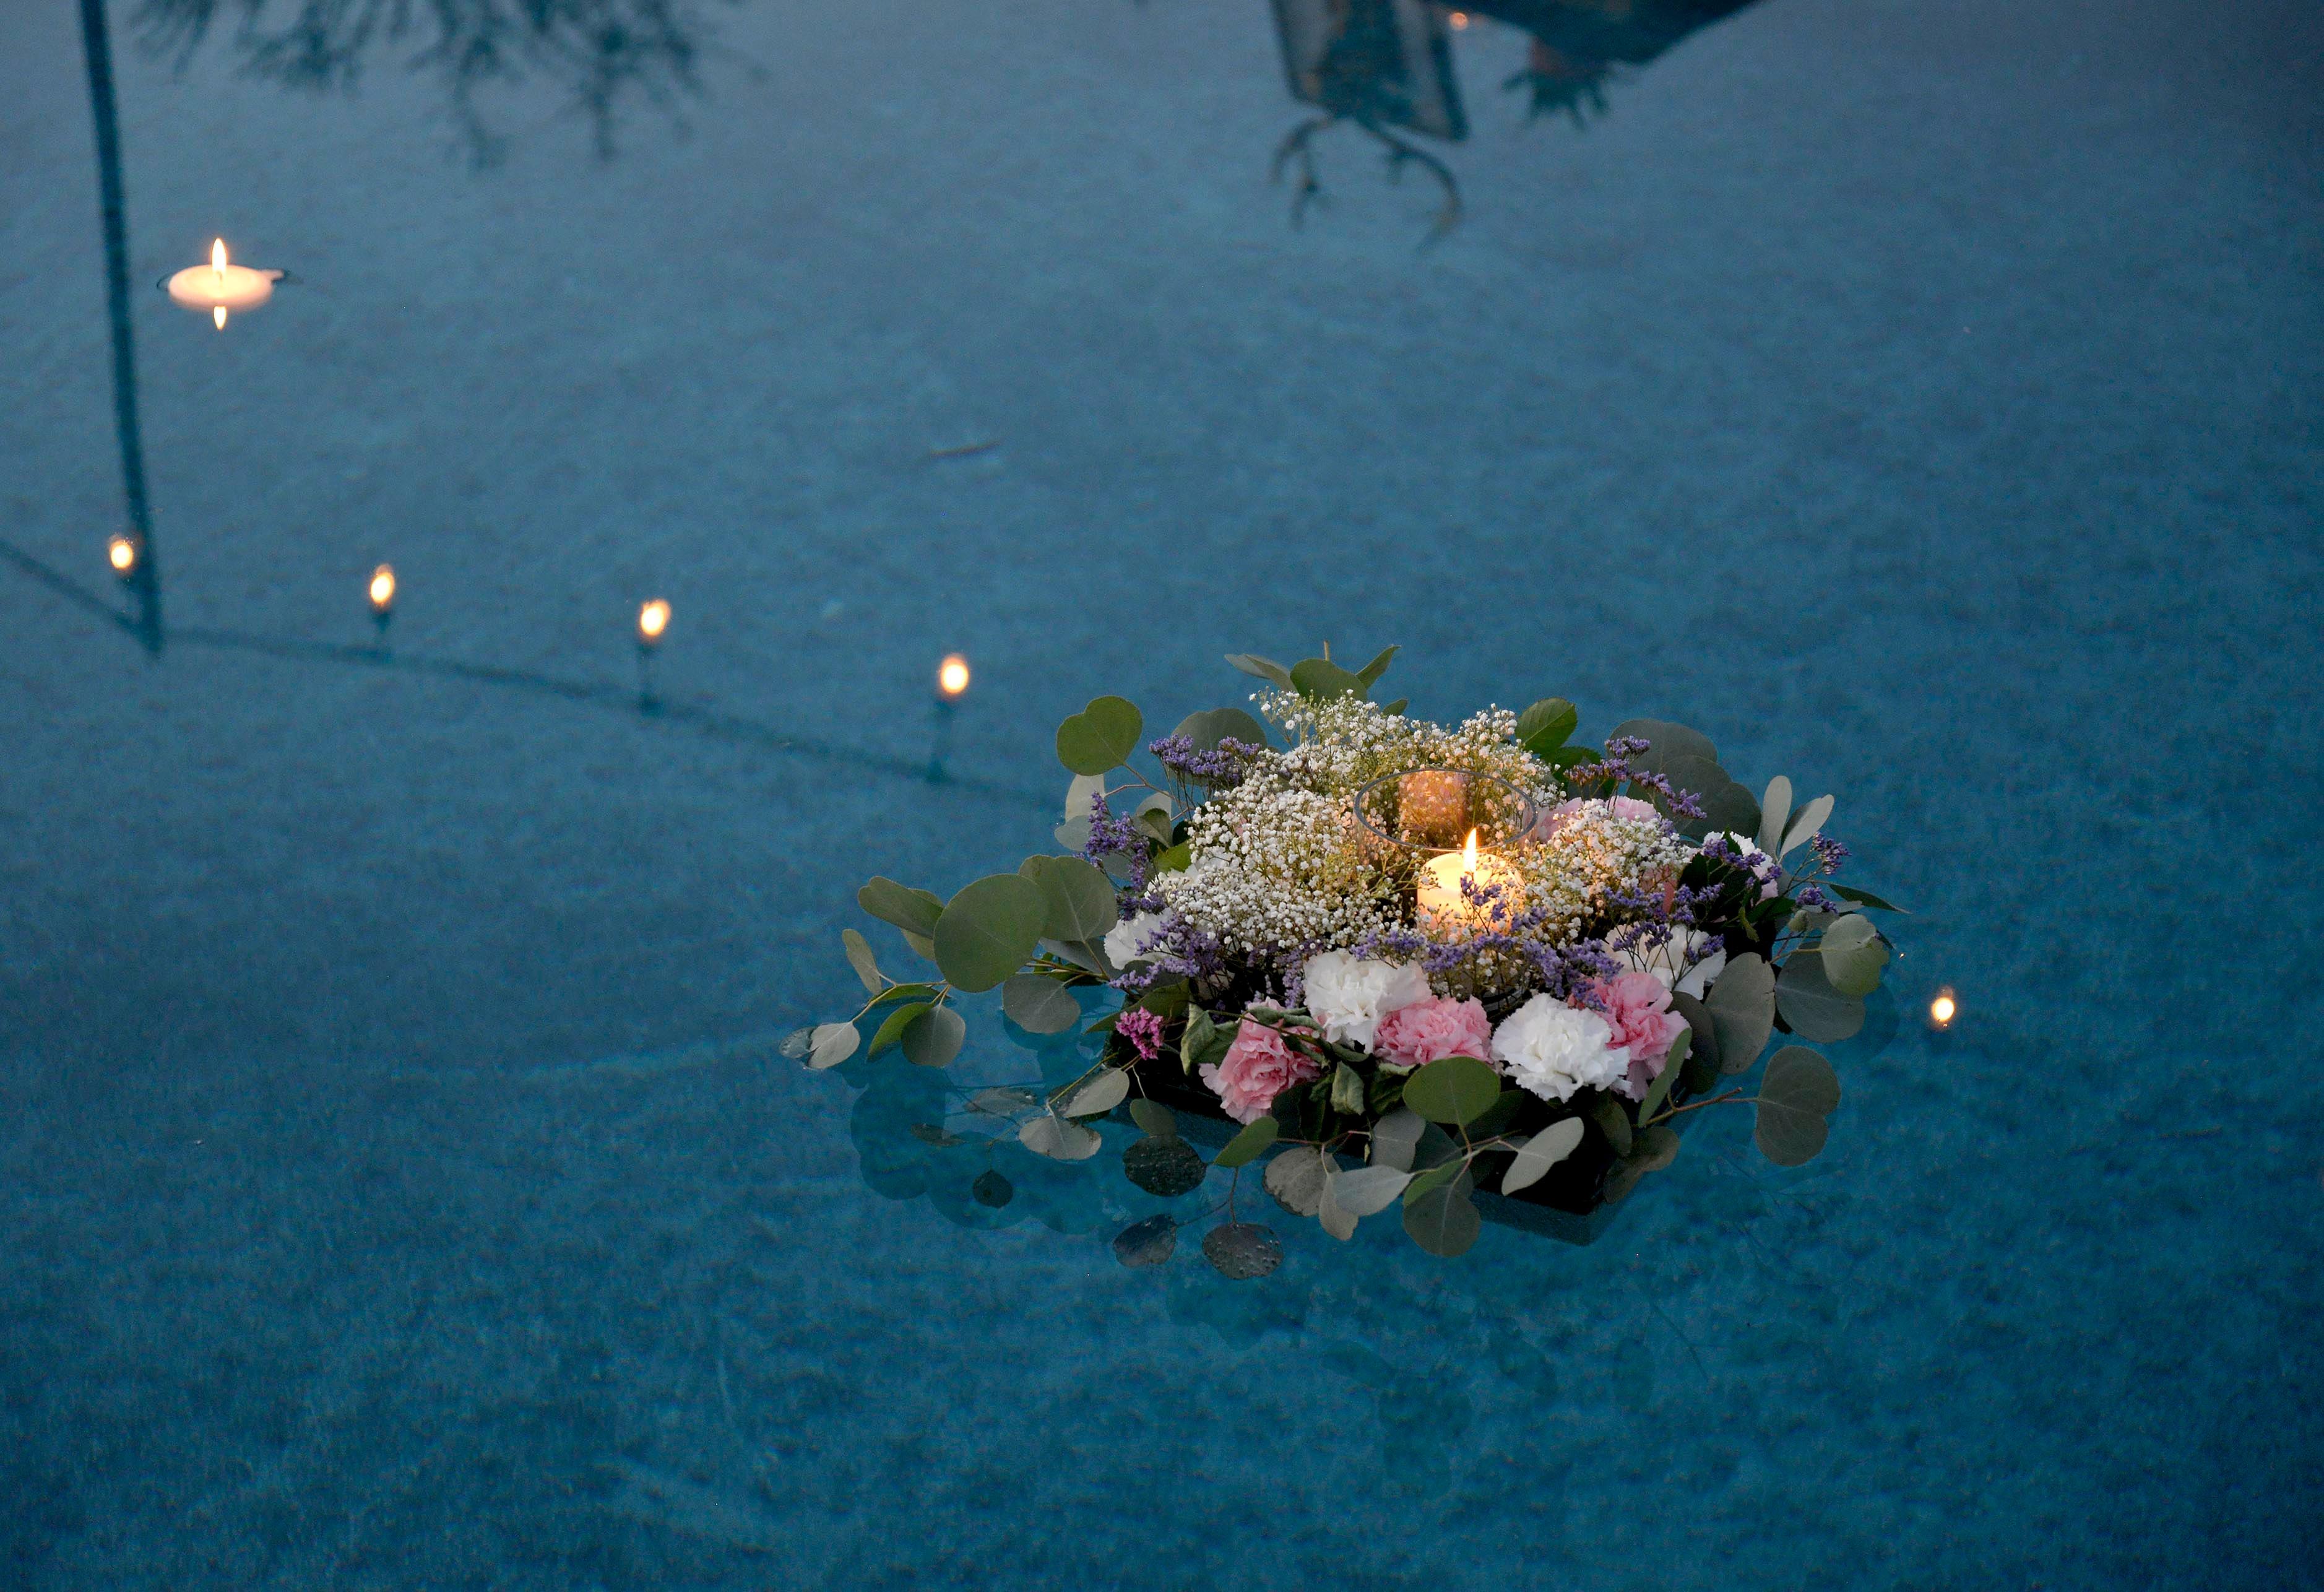 тесто цветы под водой фото друг